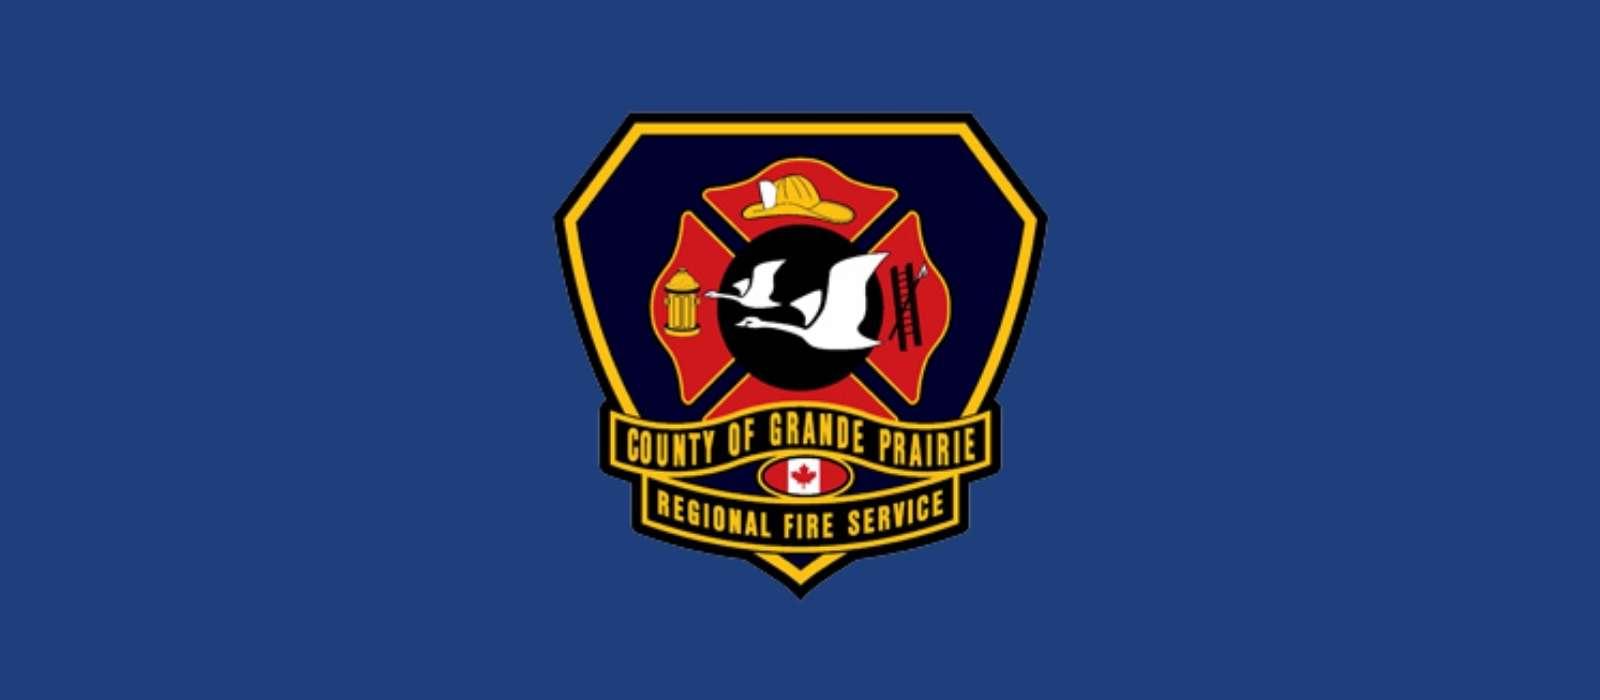 Regional Fire Service Logo